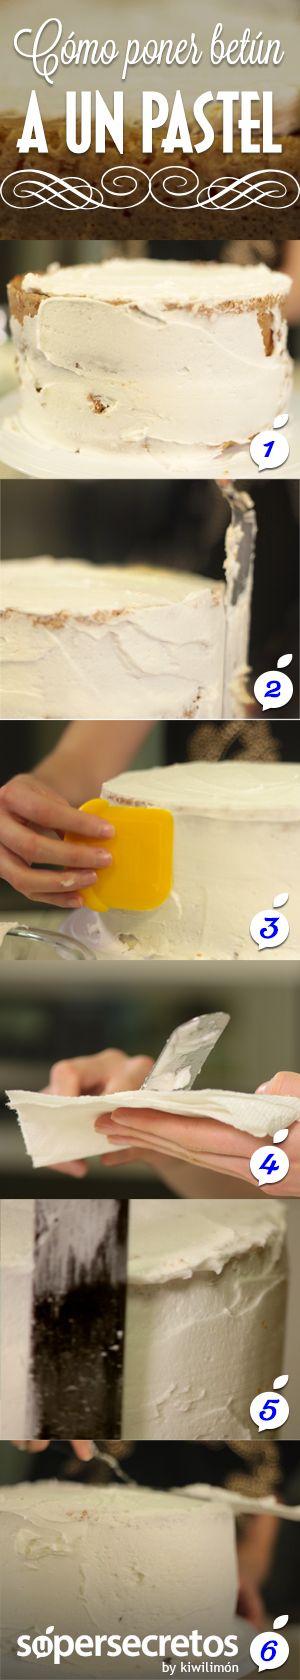 Cómo ponerle betún a un pastel.                                                                                                                                                                                 Más